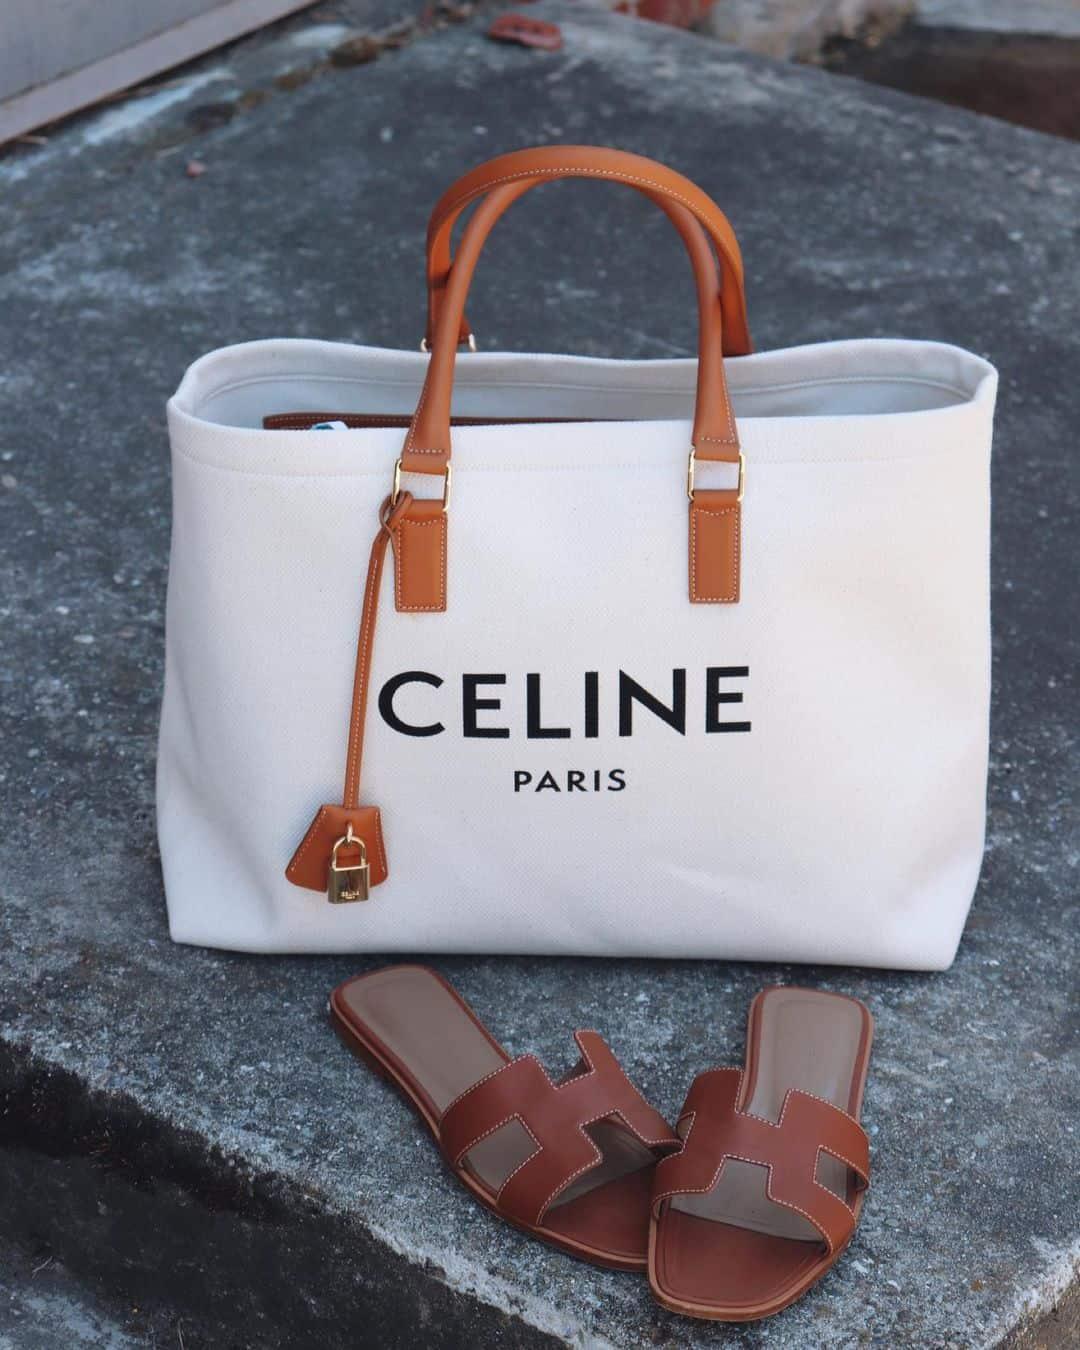 Celine Canvas Logo Bag and Hermes H Shoes